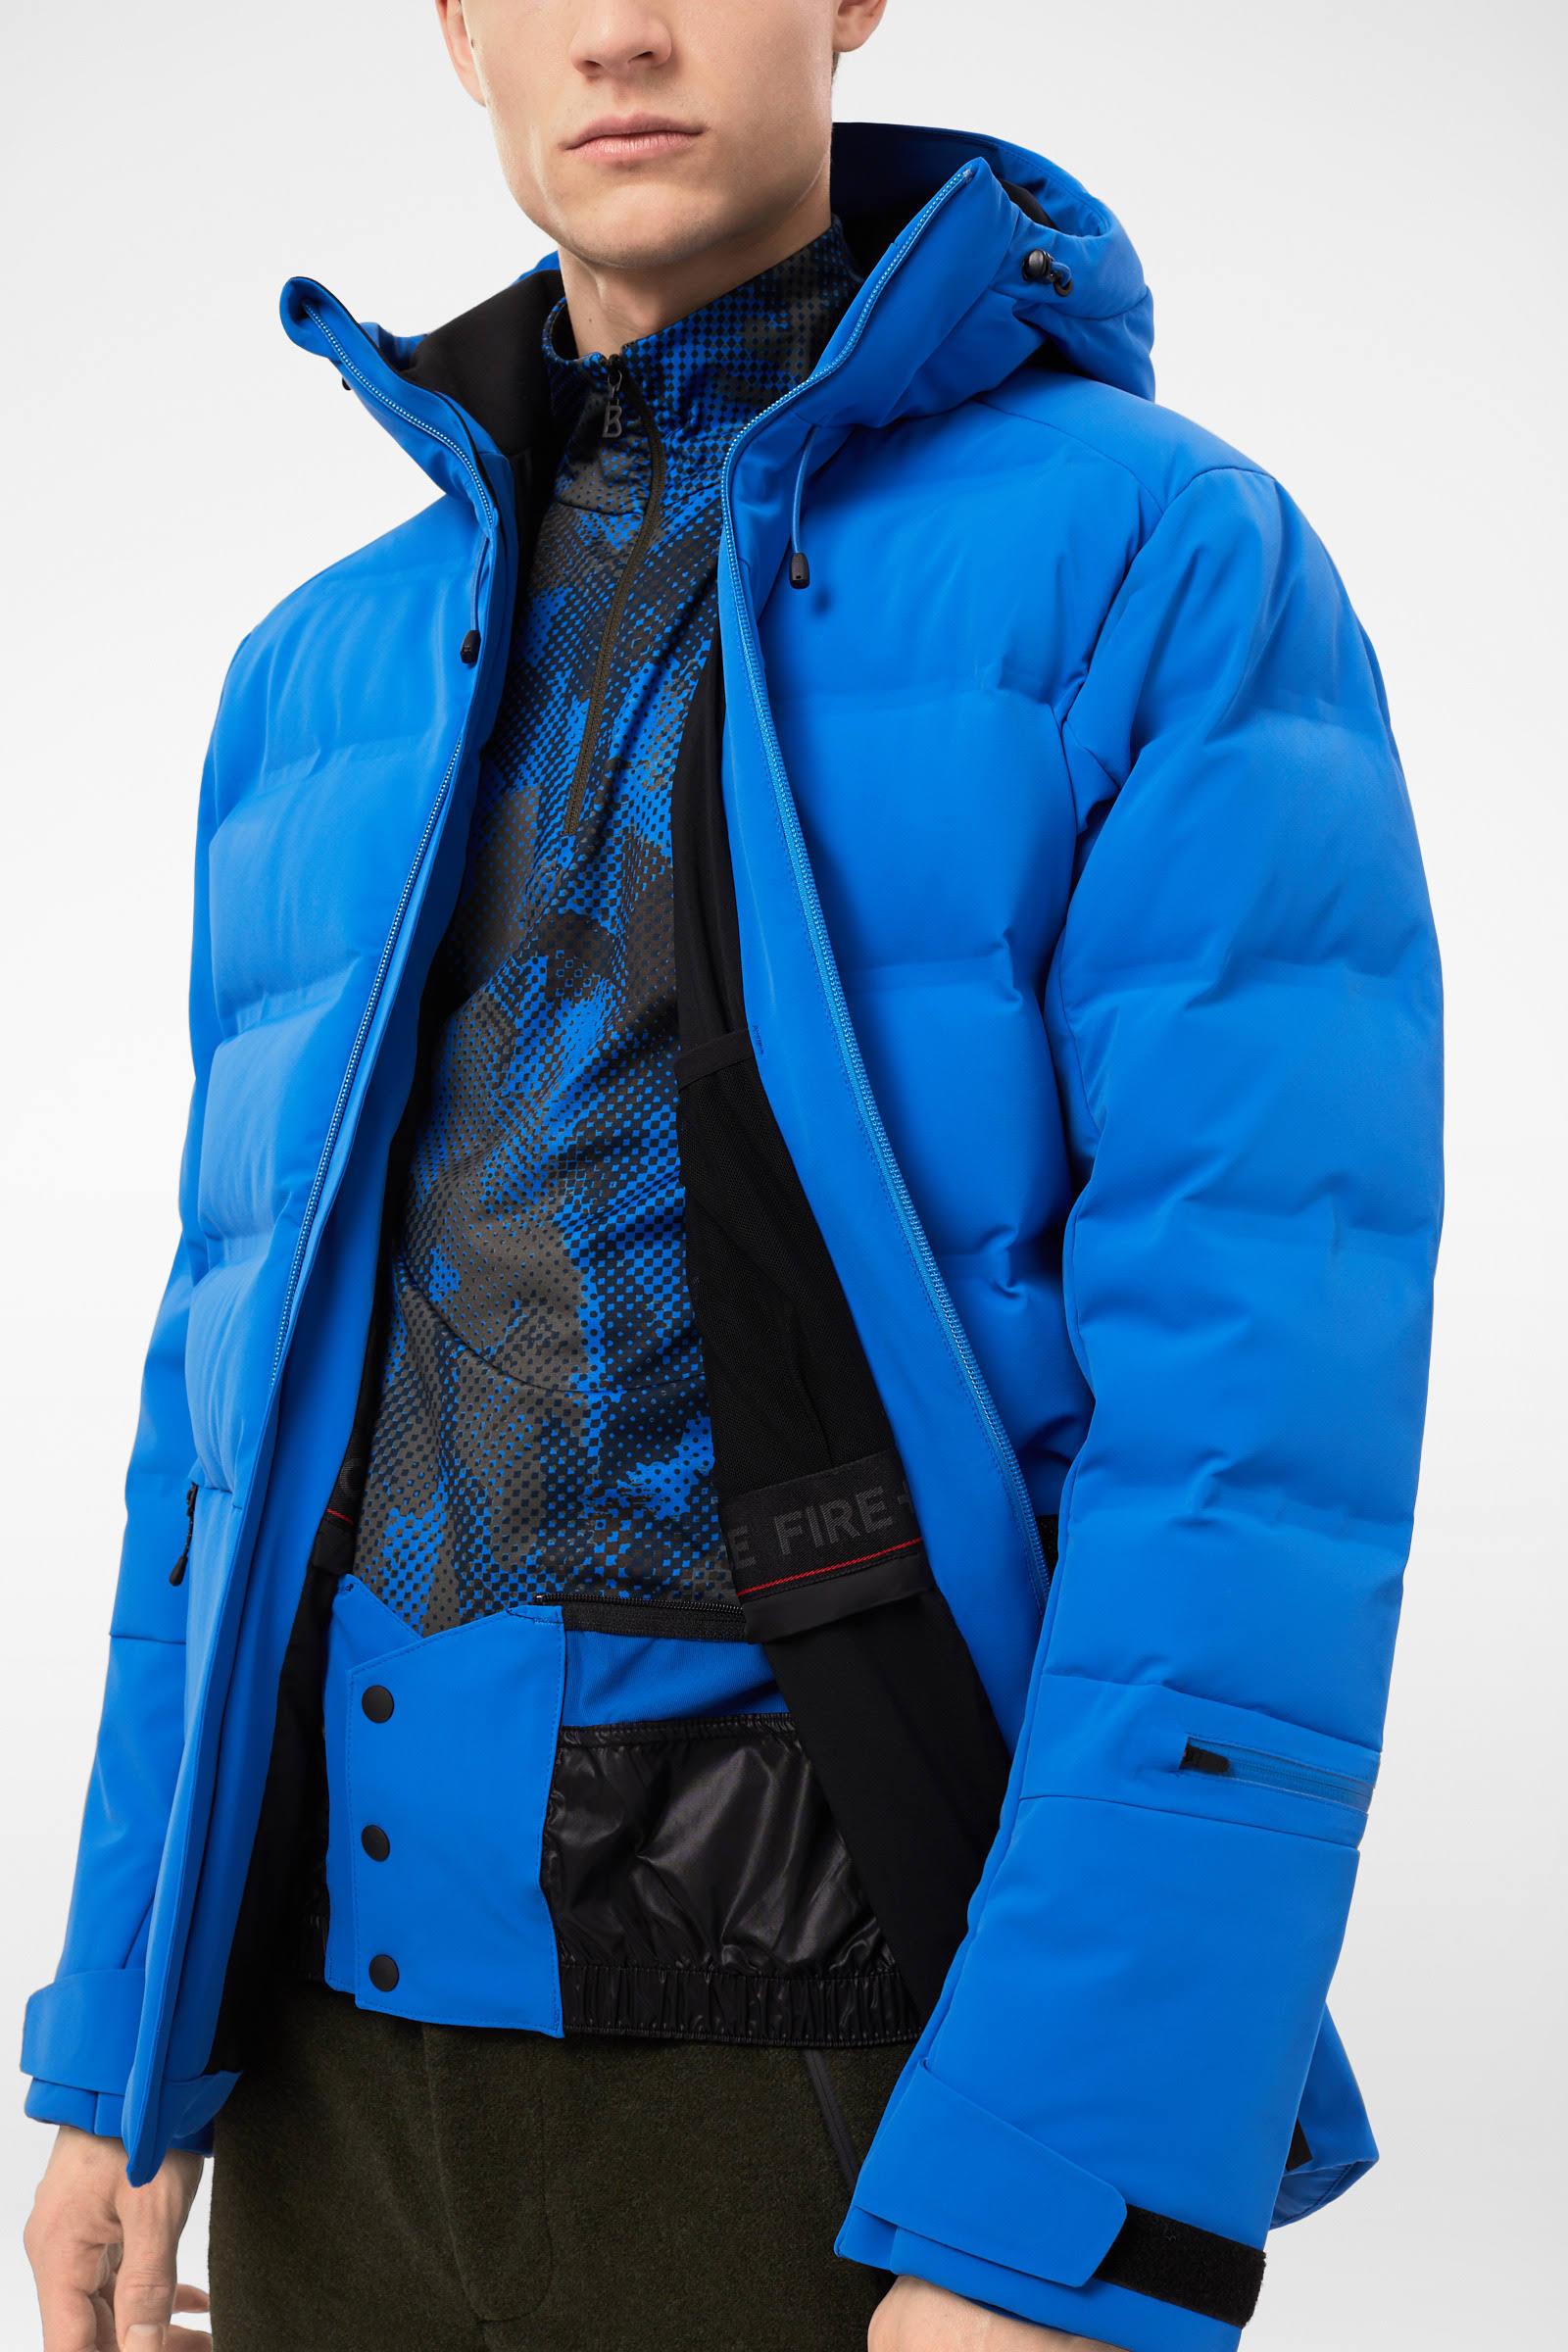 Blade Skijacke Bogner Herren Royal Blue Für Fire Ice Down qxTfWnCRT